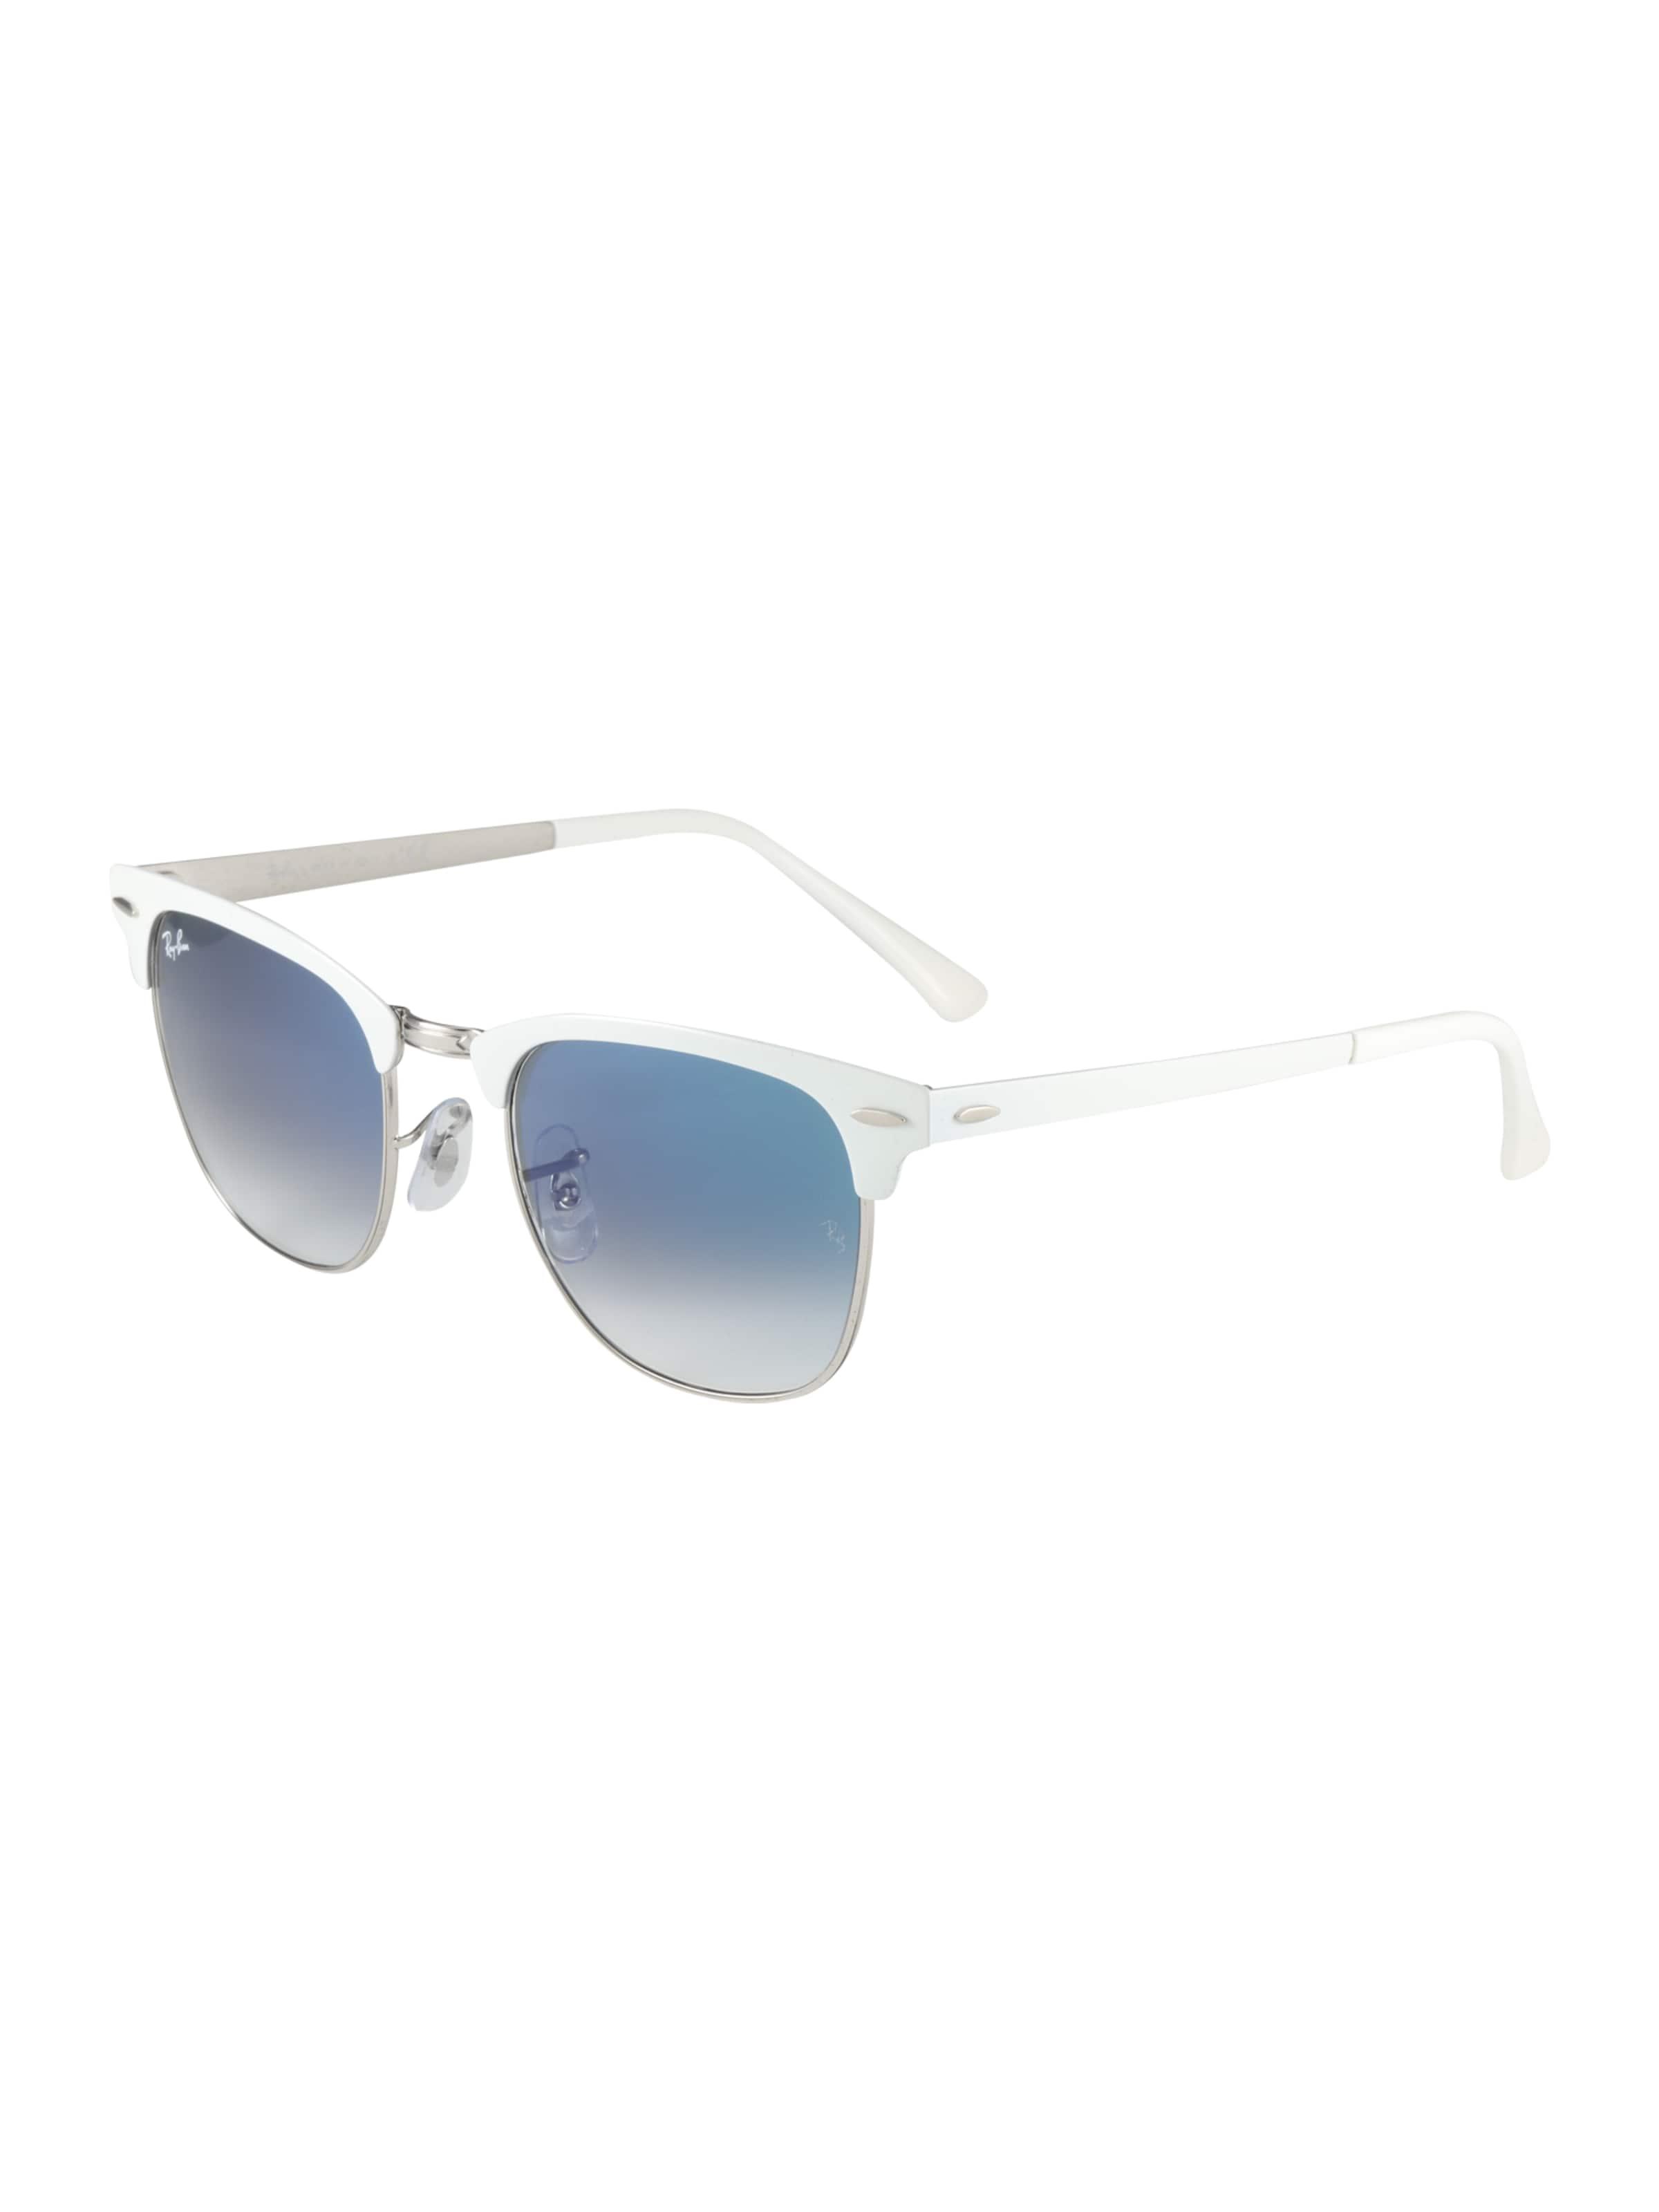 Sonnenbrille BlauTransparent 'rb3716' In Ray ban jLAR54